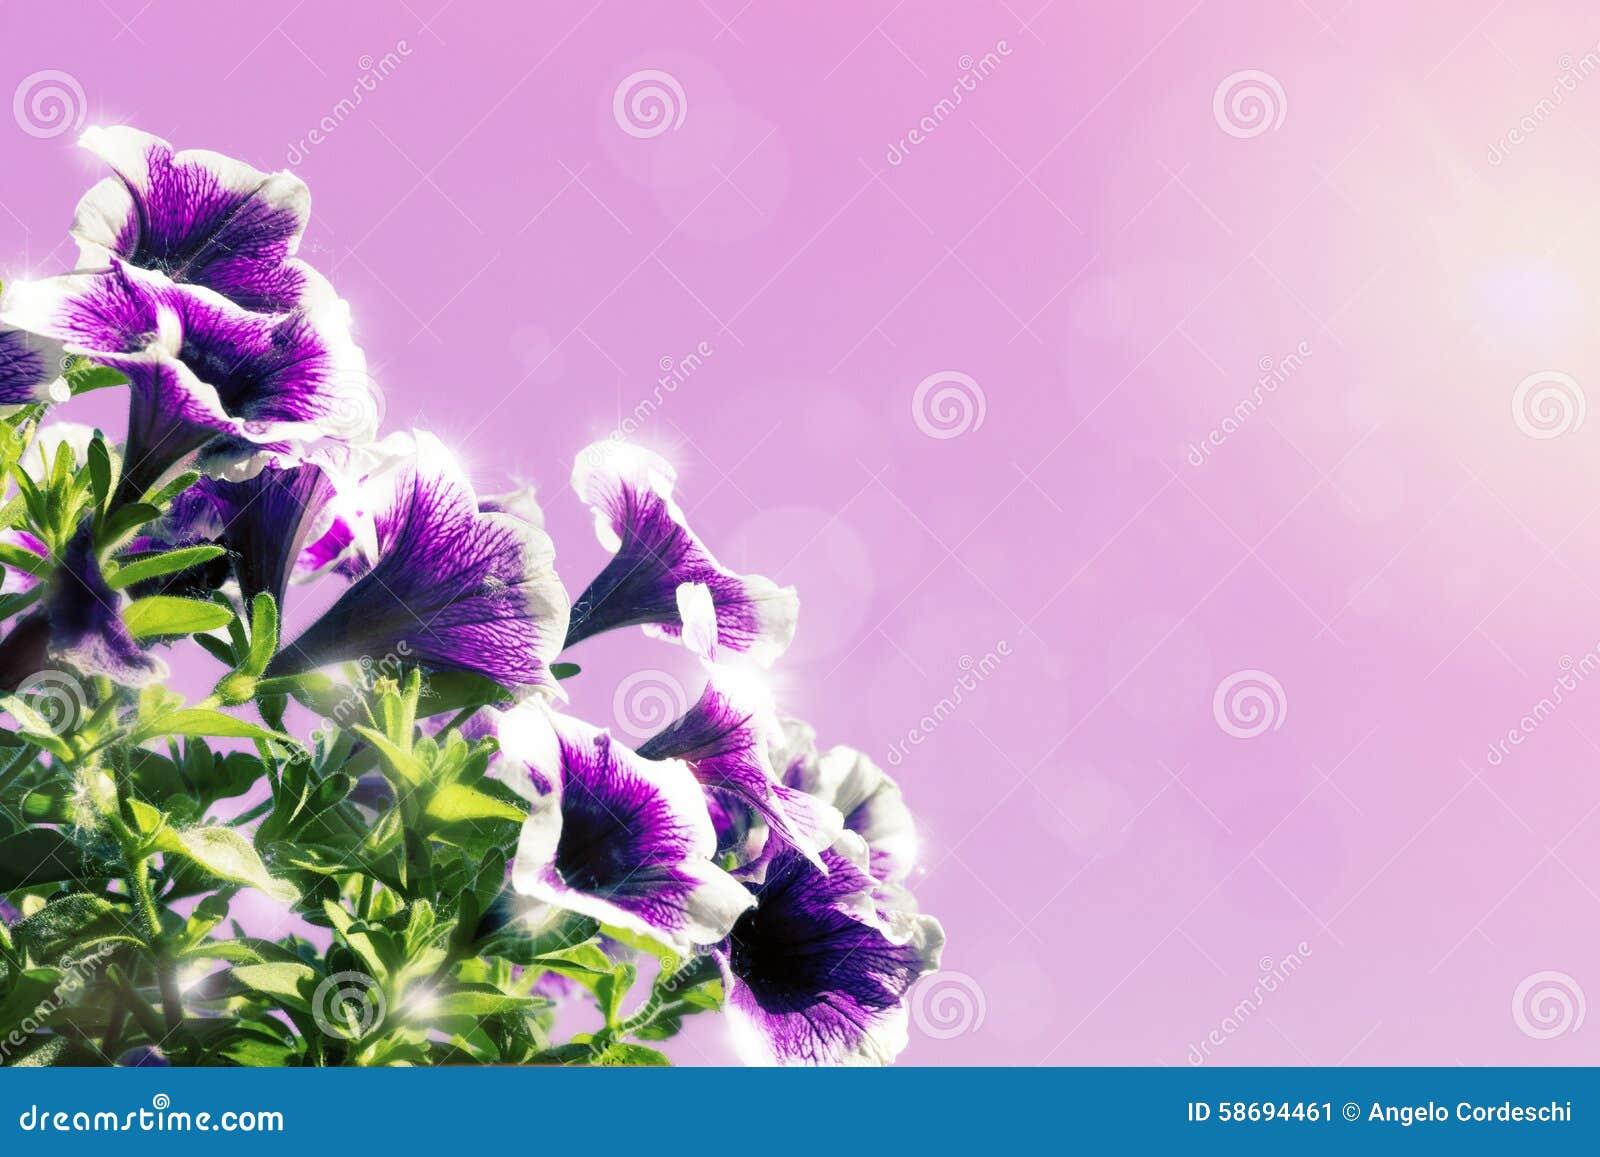 花卉背景装饰紫色和桃红色花喇叭花